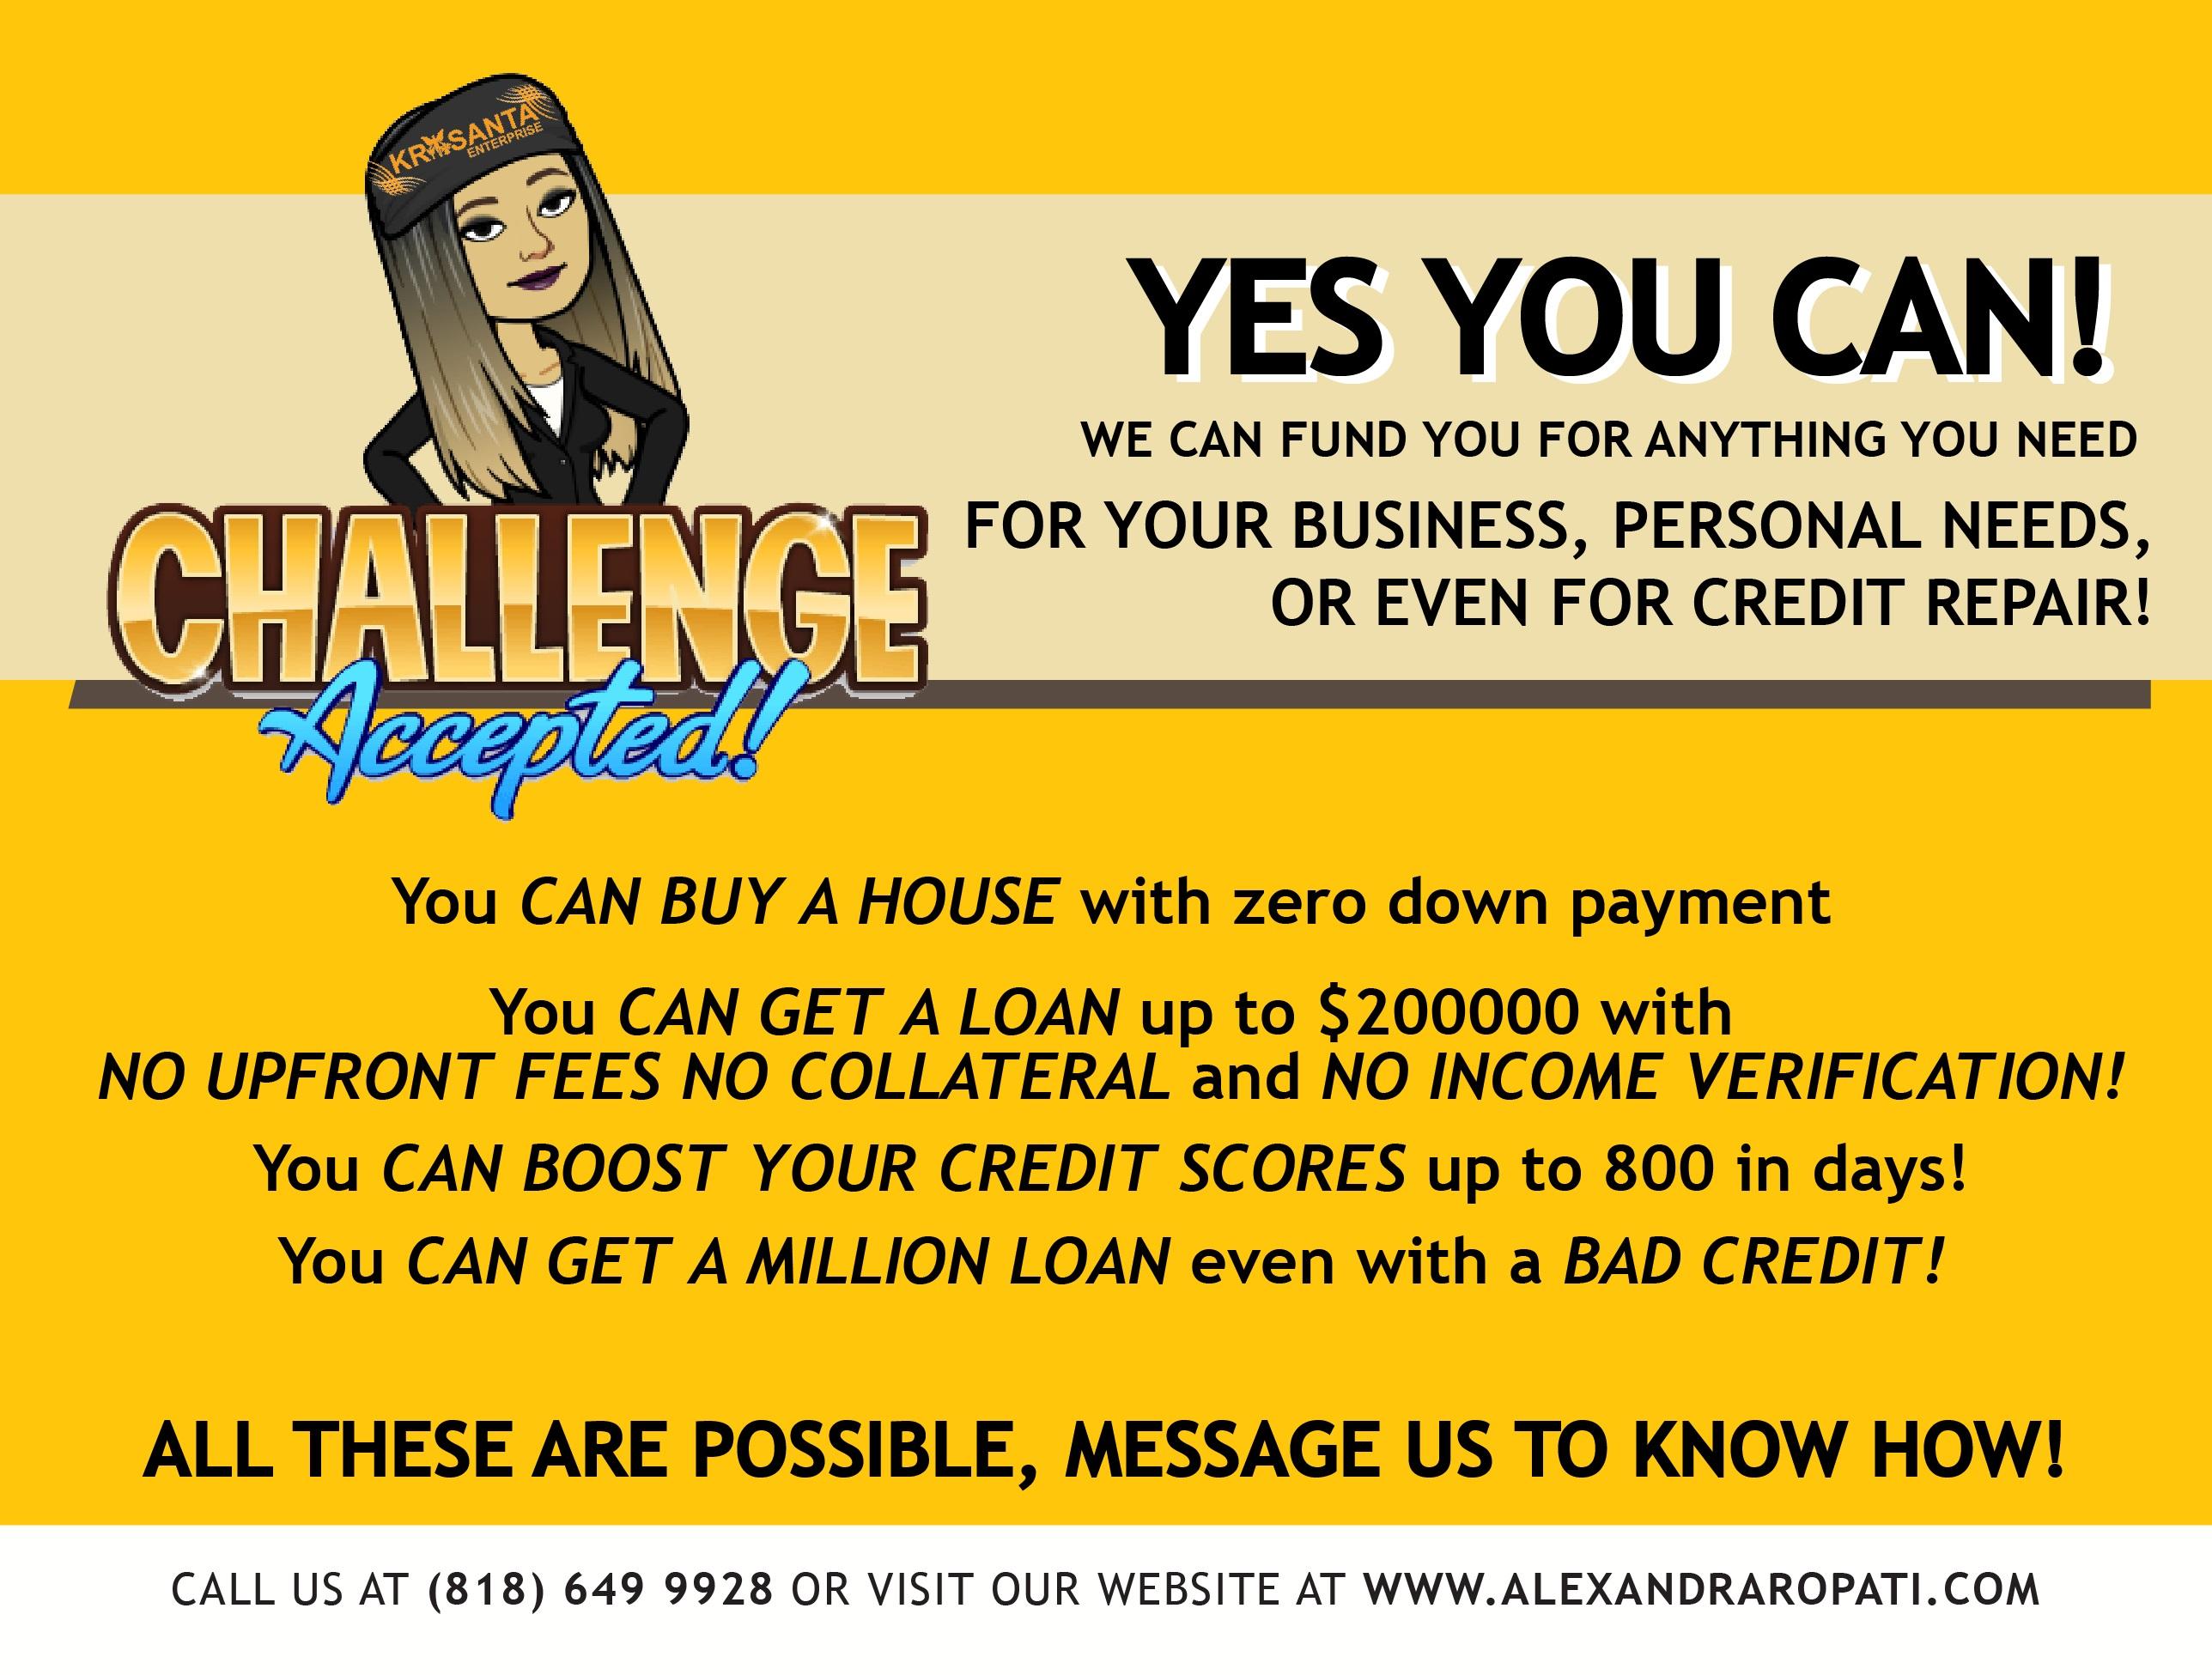 GET A CASH GET A HOUSE!